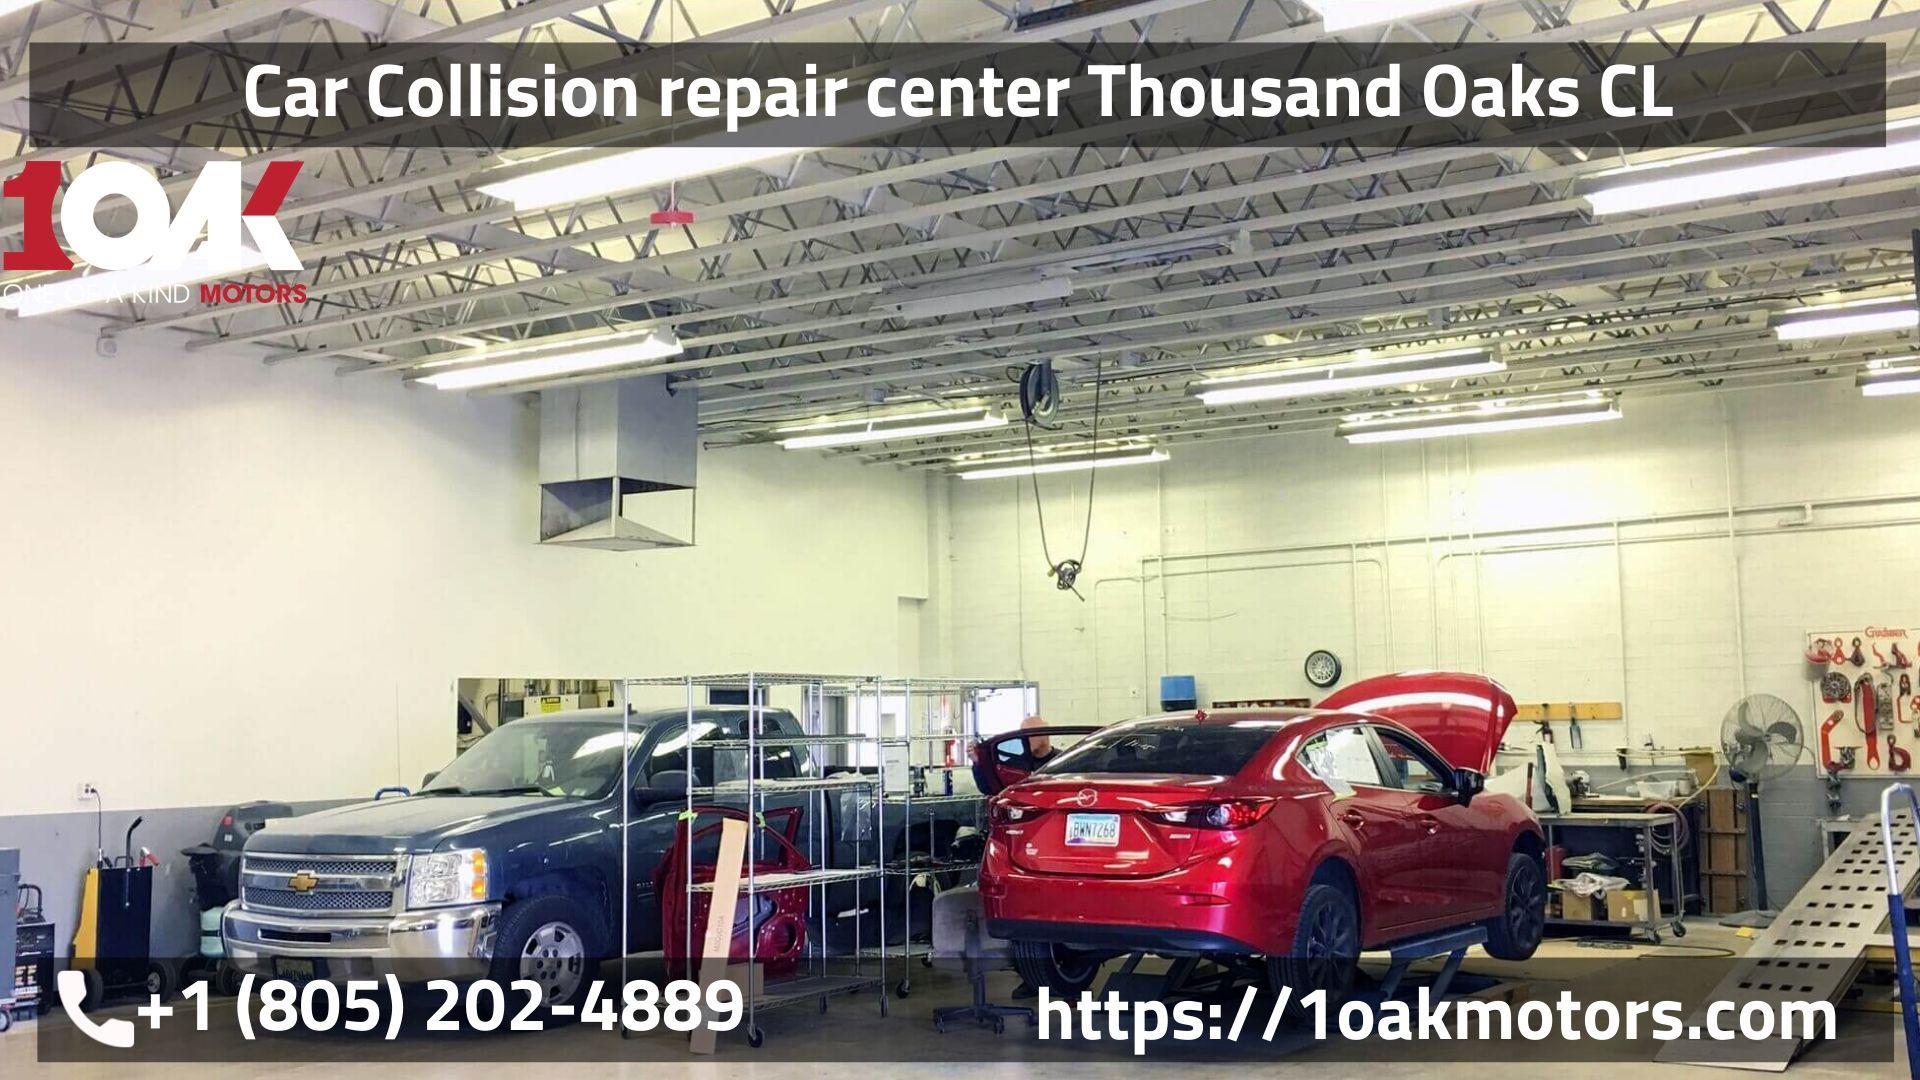 24+ Subaru Thousand Oaks Service Hours